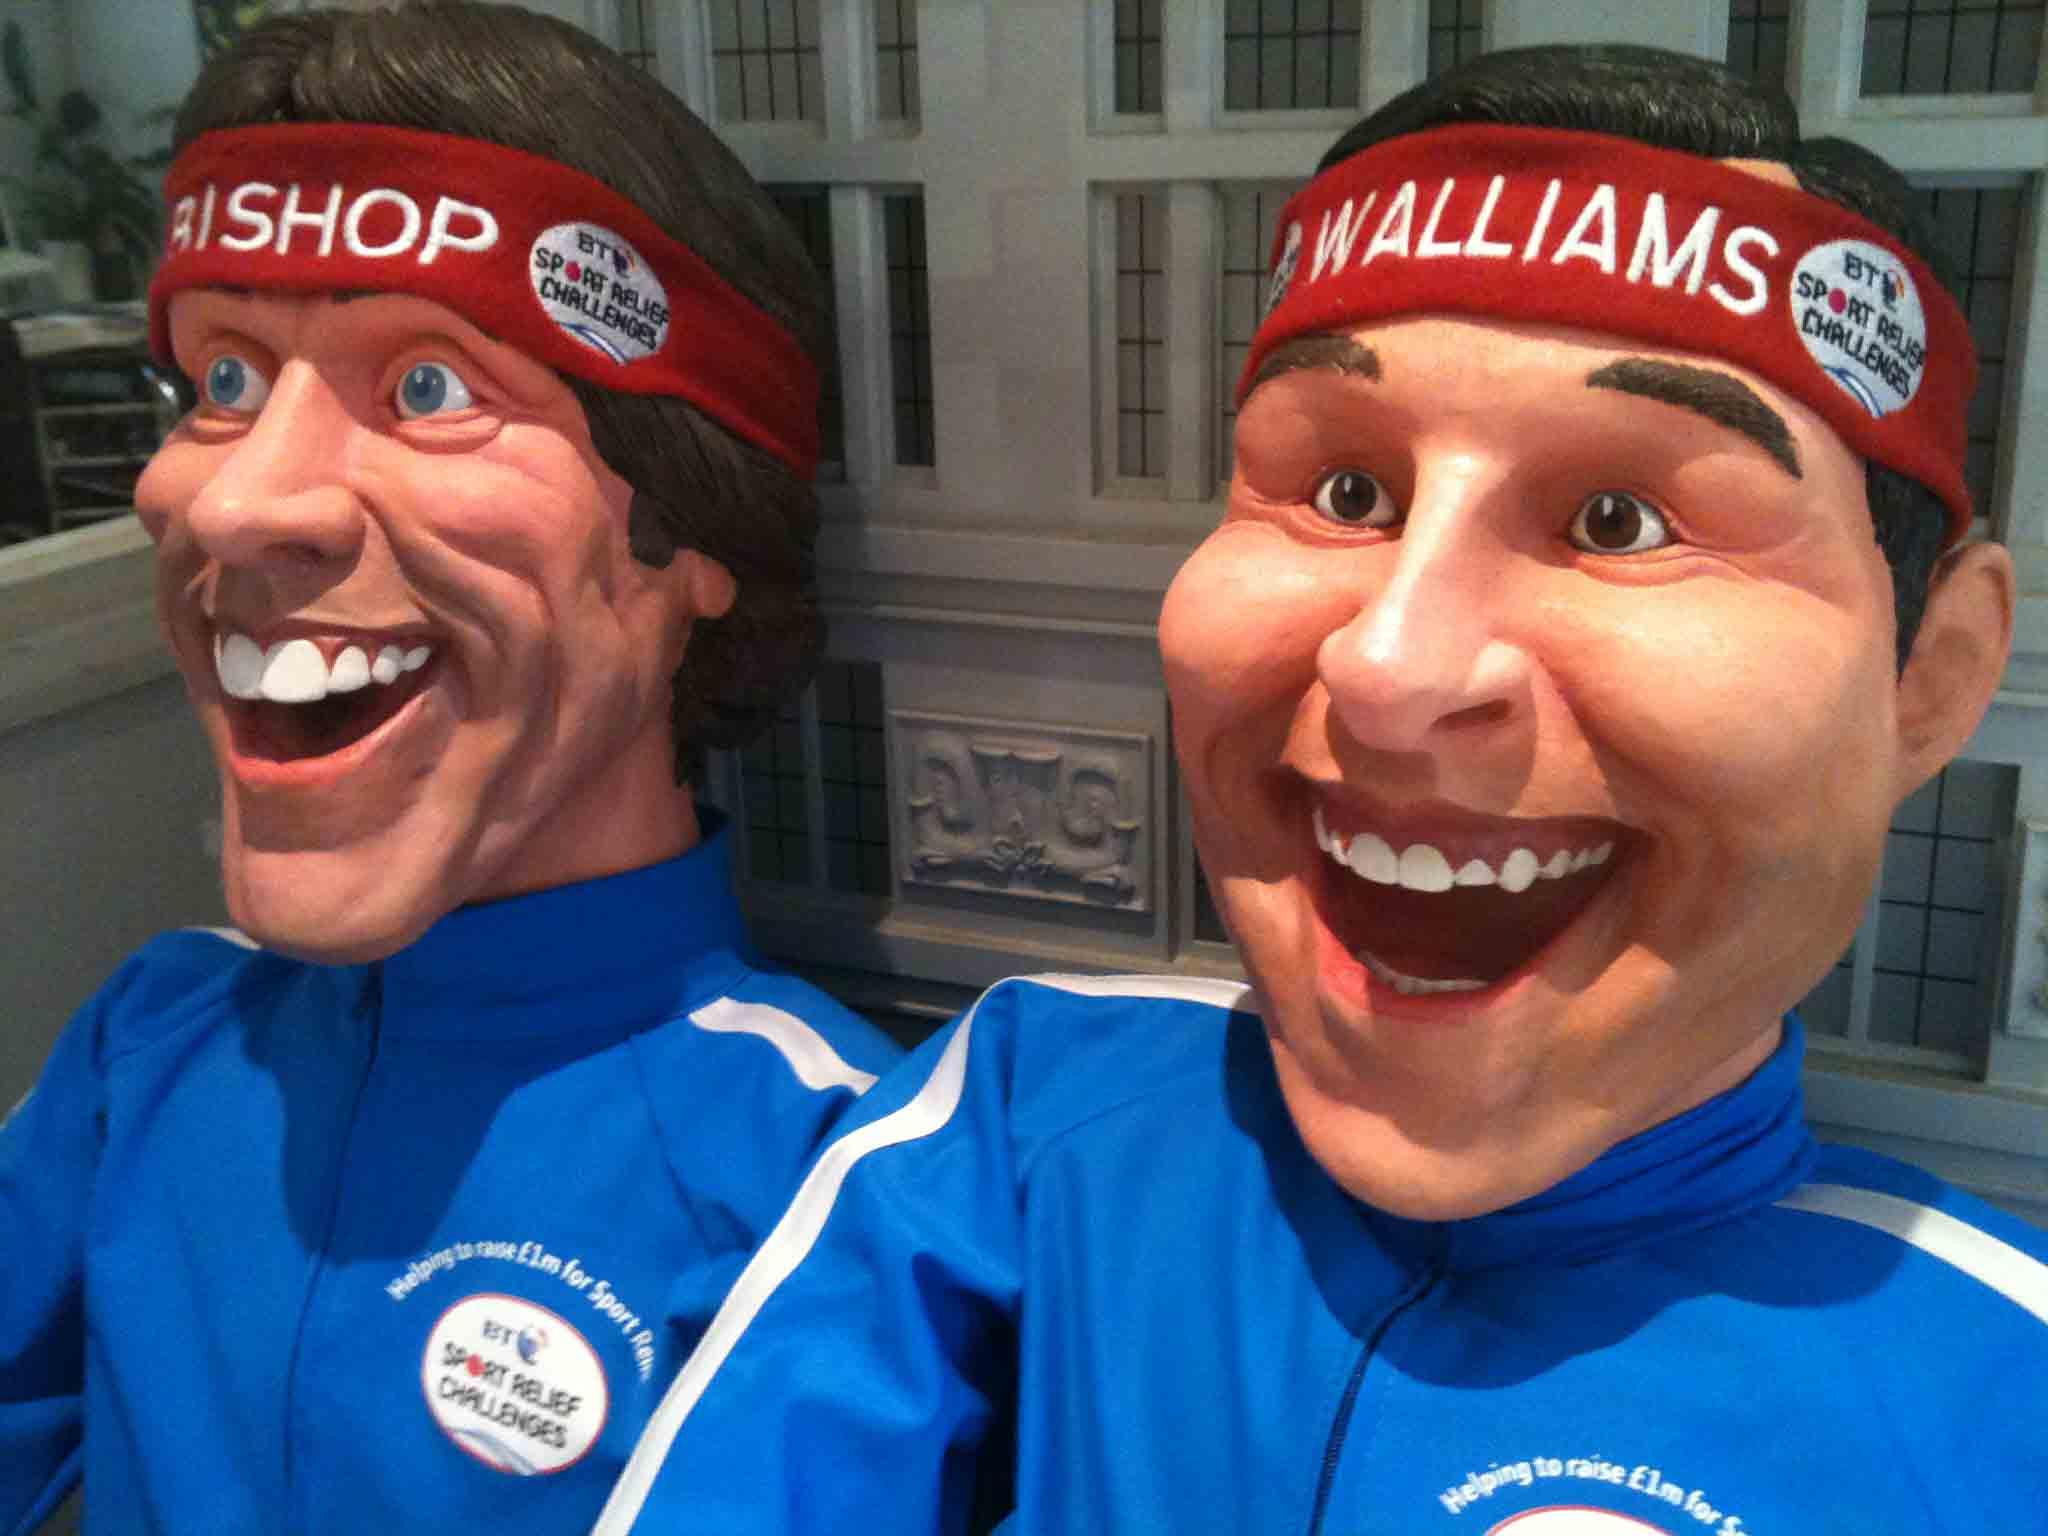 Bishop&Walliams1.jpg